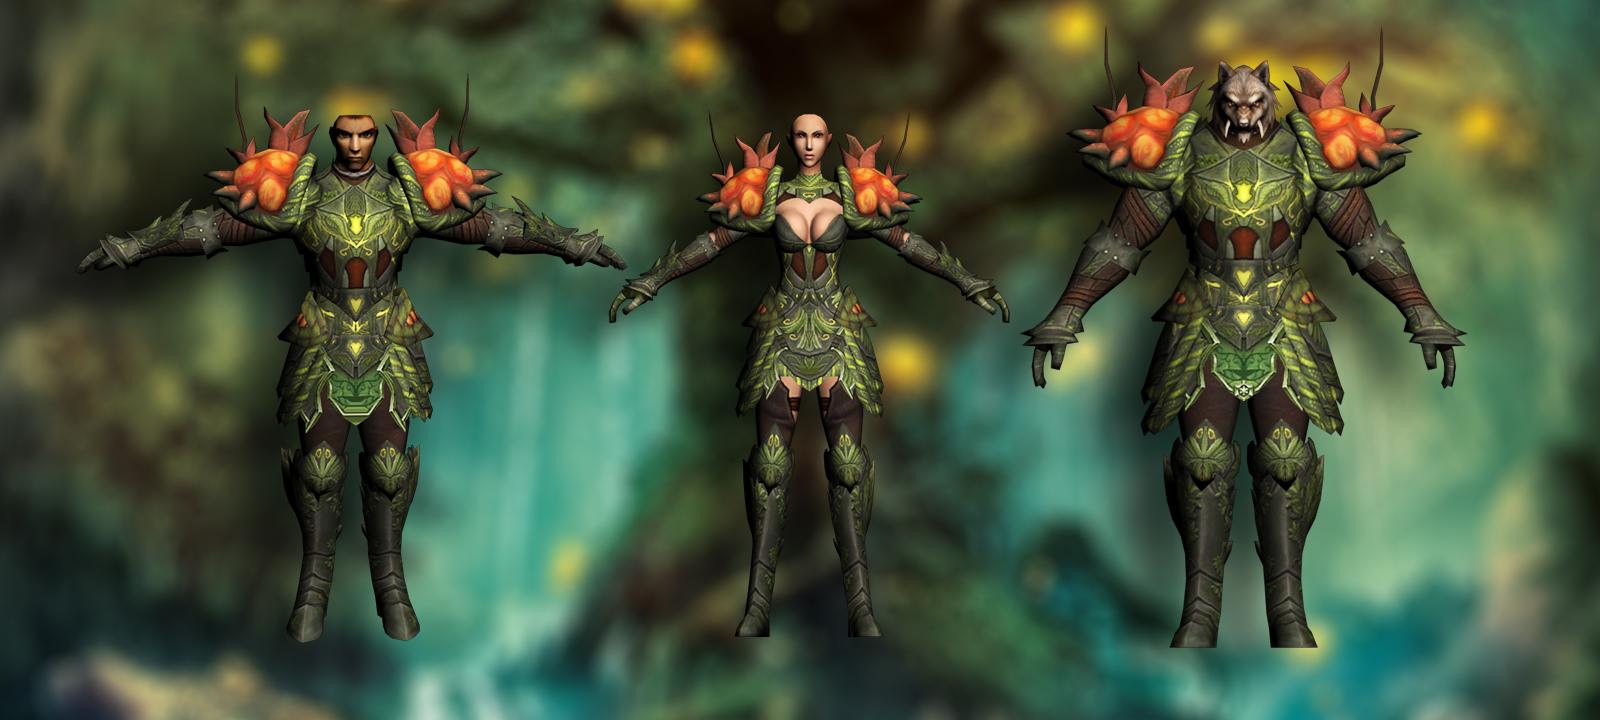 Natural armors